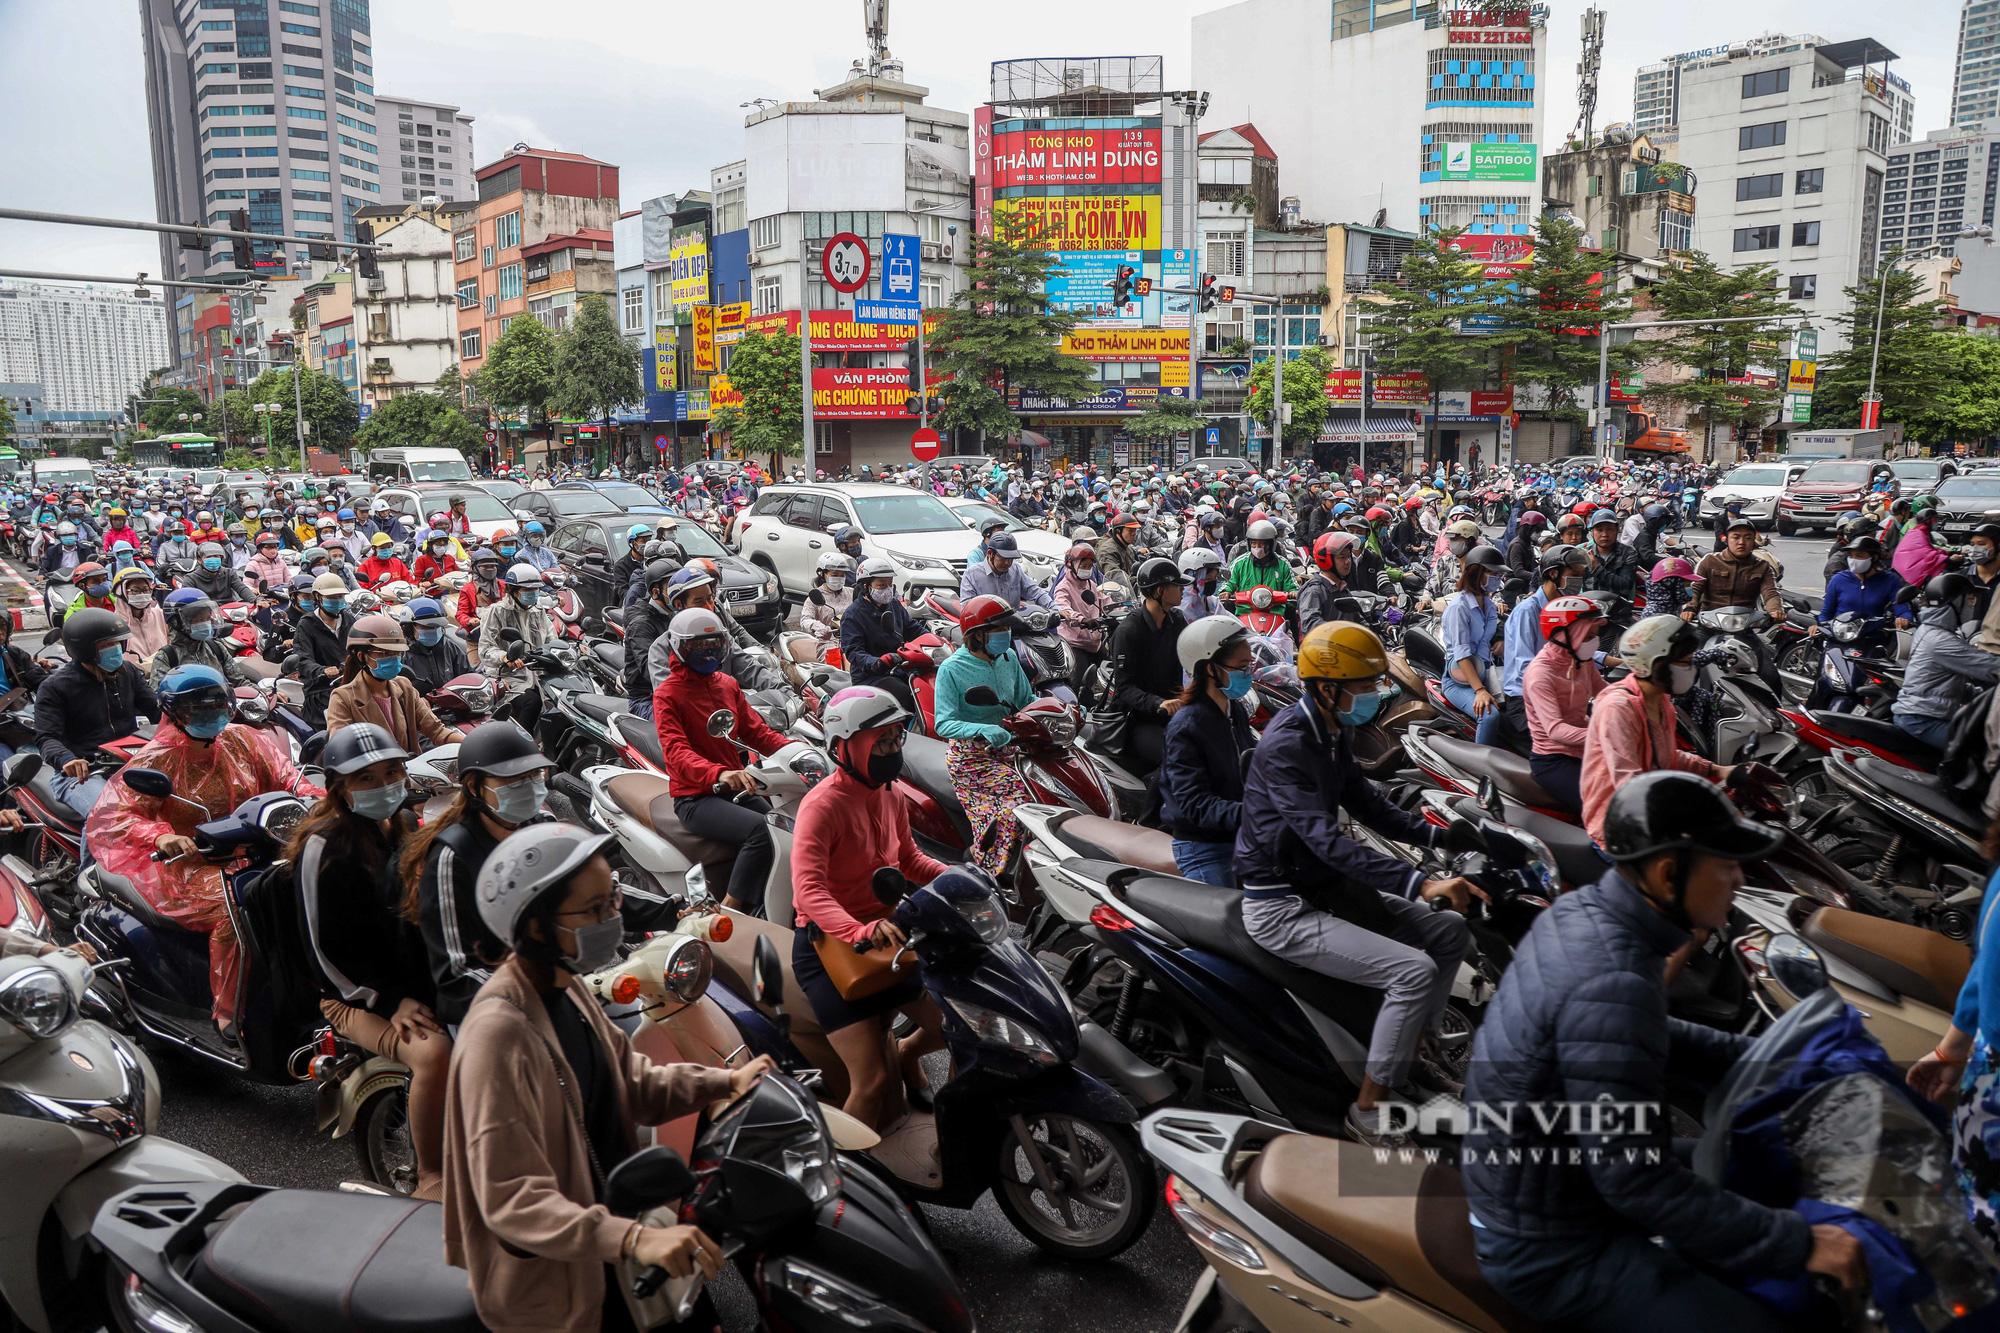 Tắc đường kinh hoàng trên địa bàn nhiều quận ở Hà Nội - Ảnh 2.